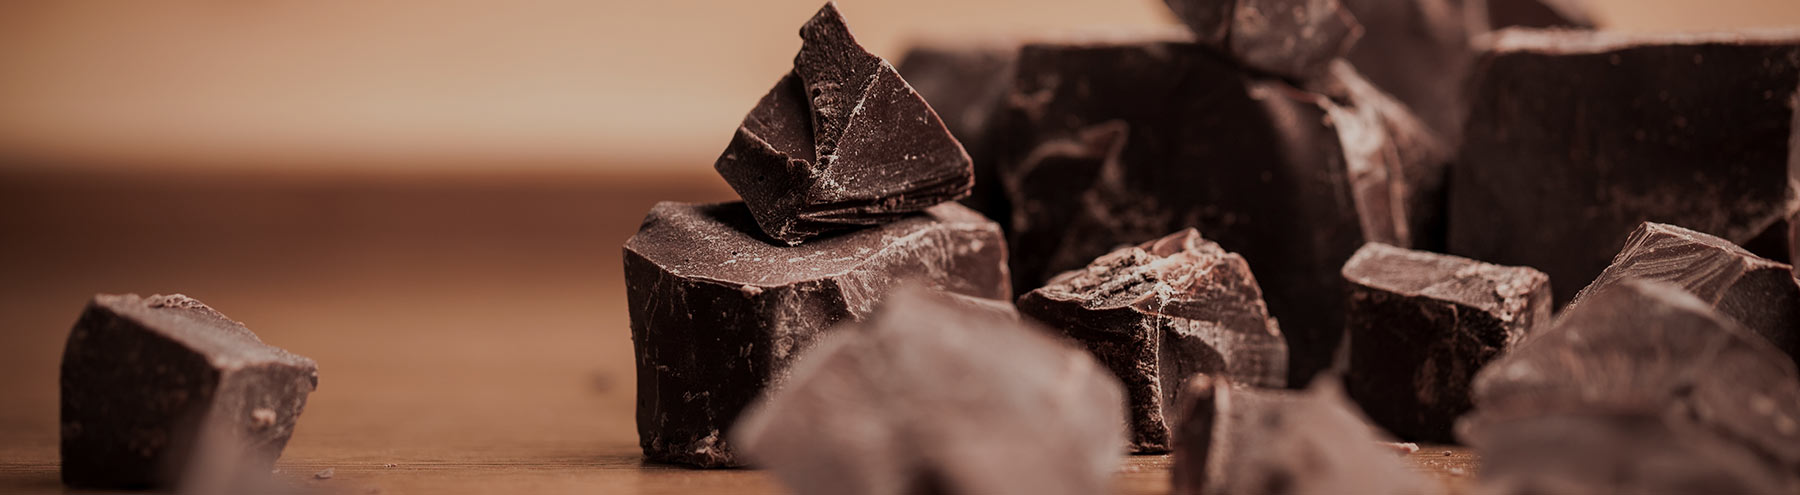 מערכת יחסים ספונטנית... עם שוקולד